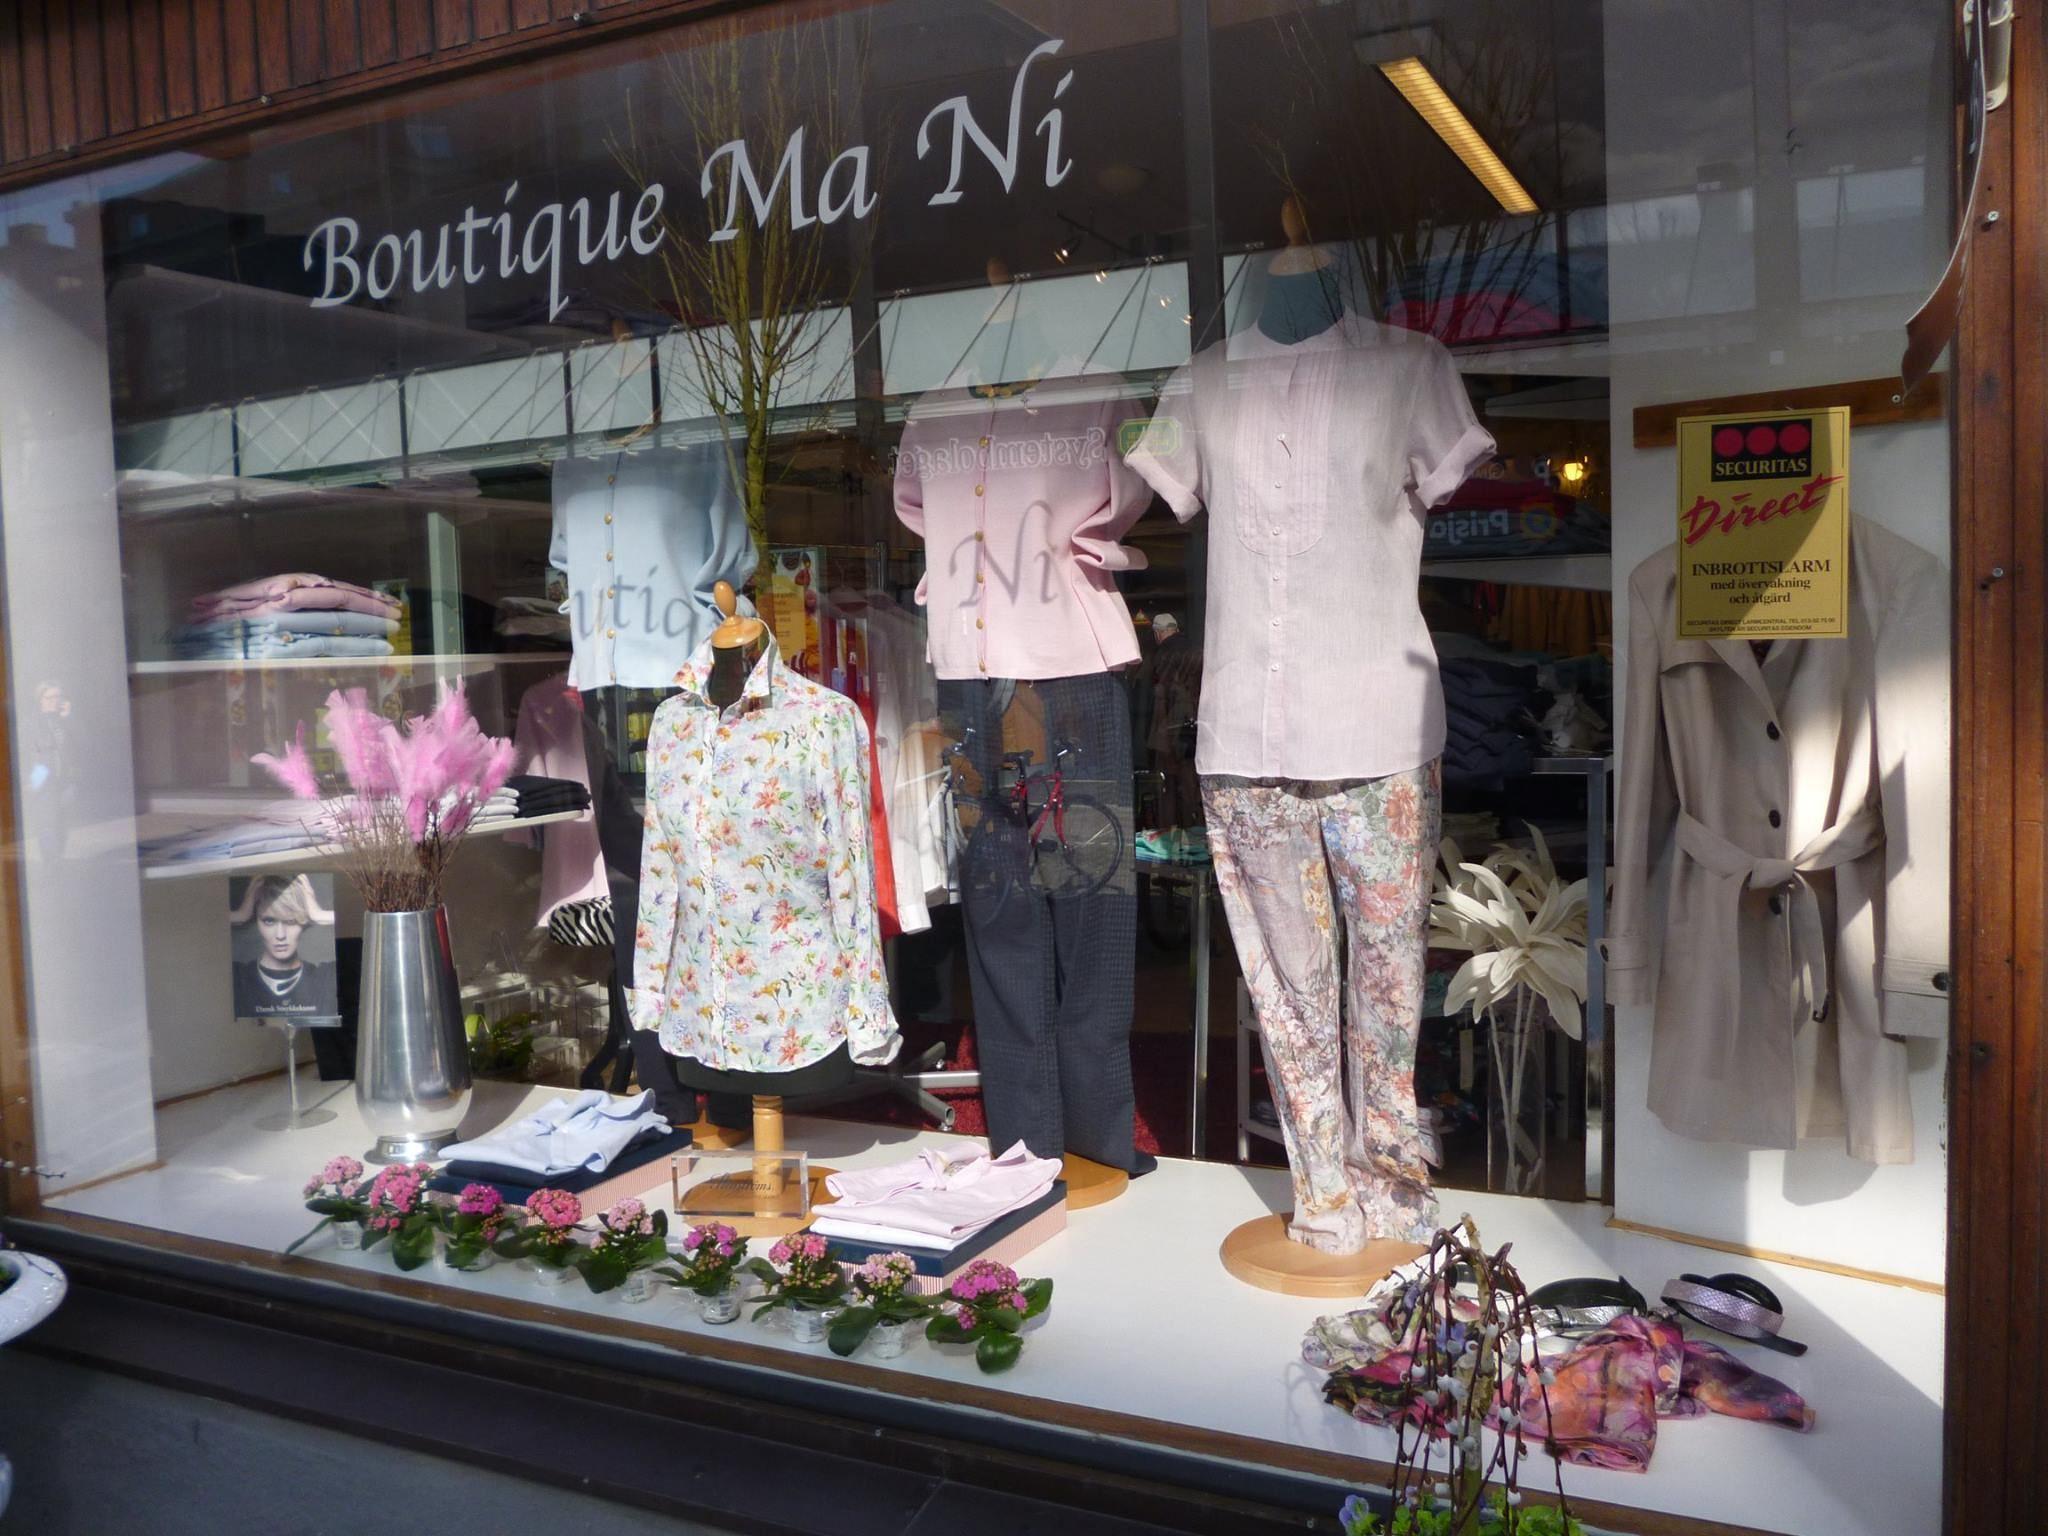 Boutique MaNi